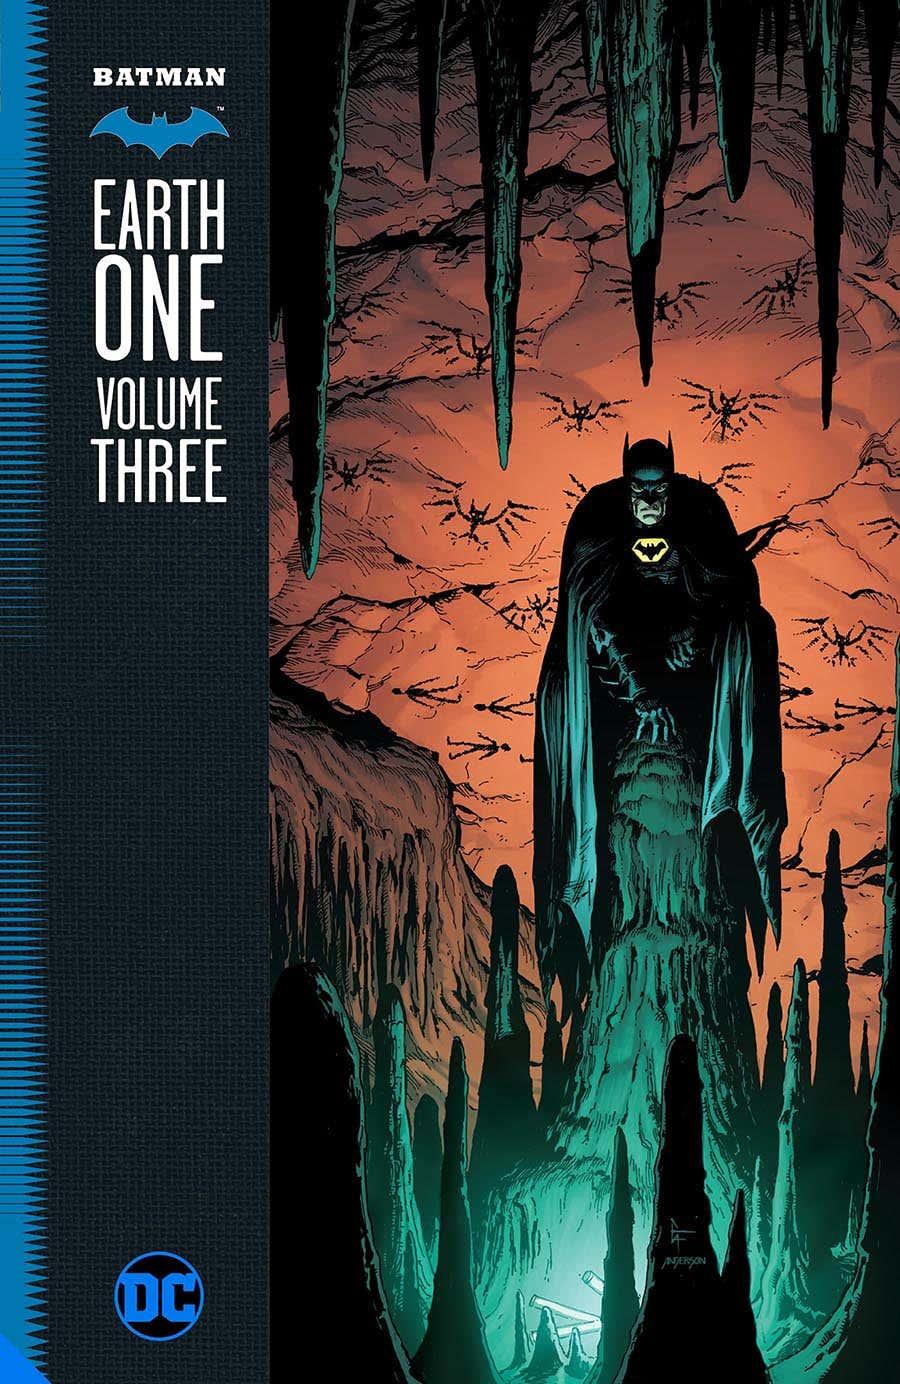 Batman Earth One Vol. 03 HC